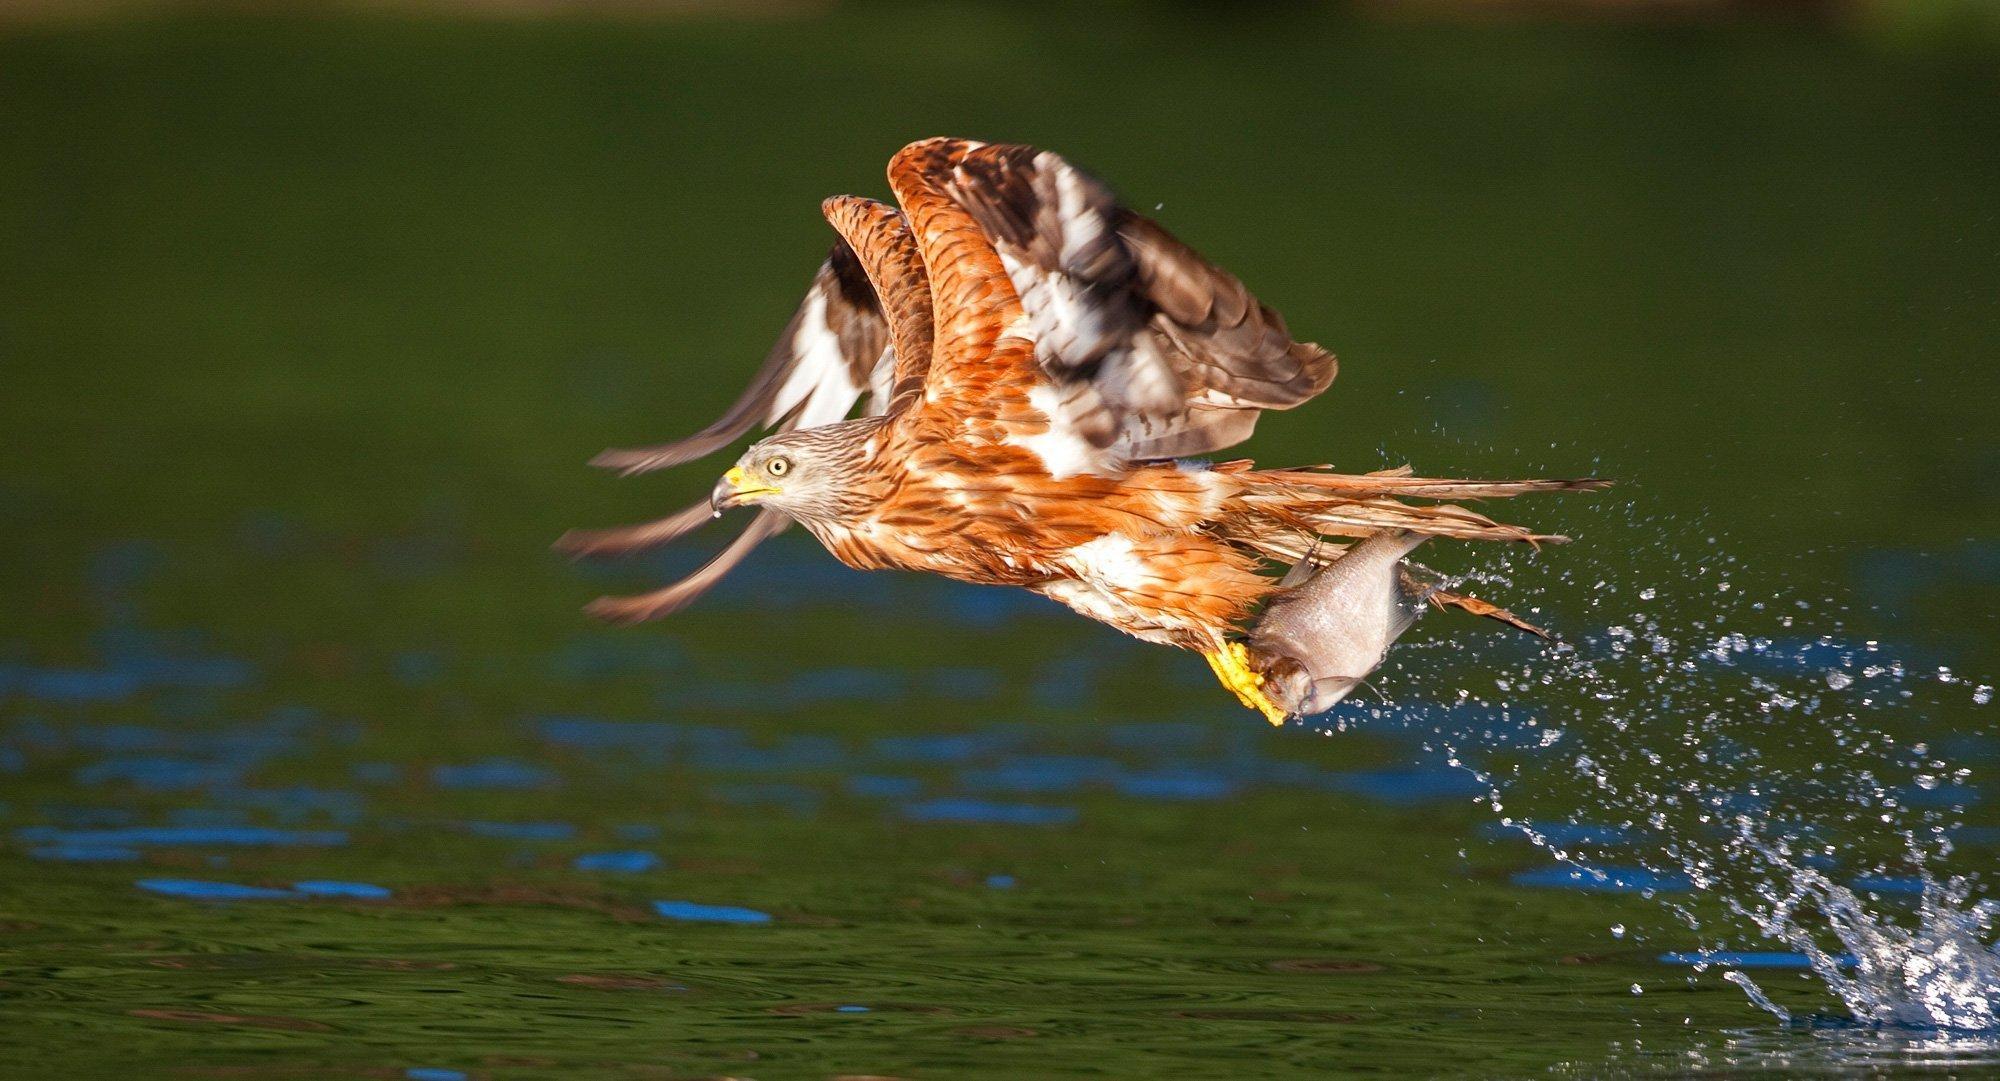 Ein Rotmilan fliegt mit einem erbeuteten Fisch in den Krallen dicht über die Wasseroberfläche eines Sees.